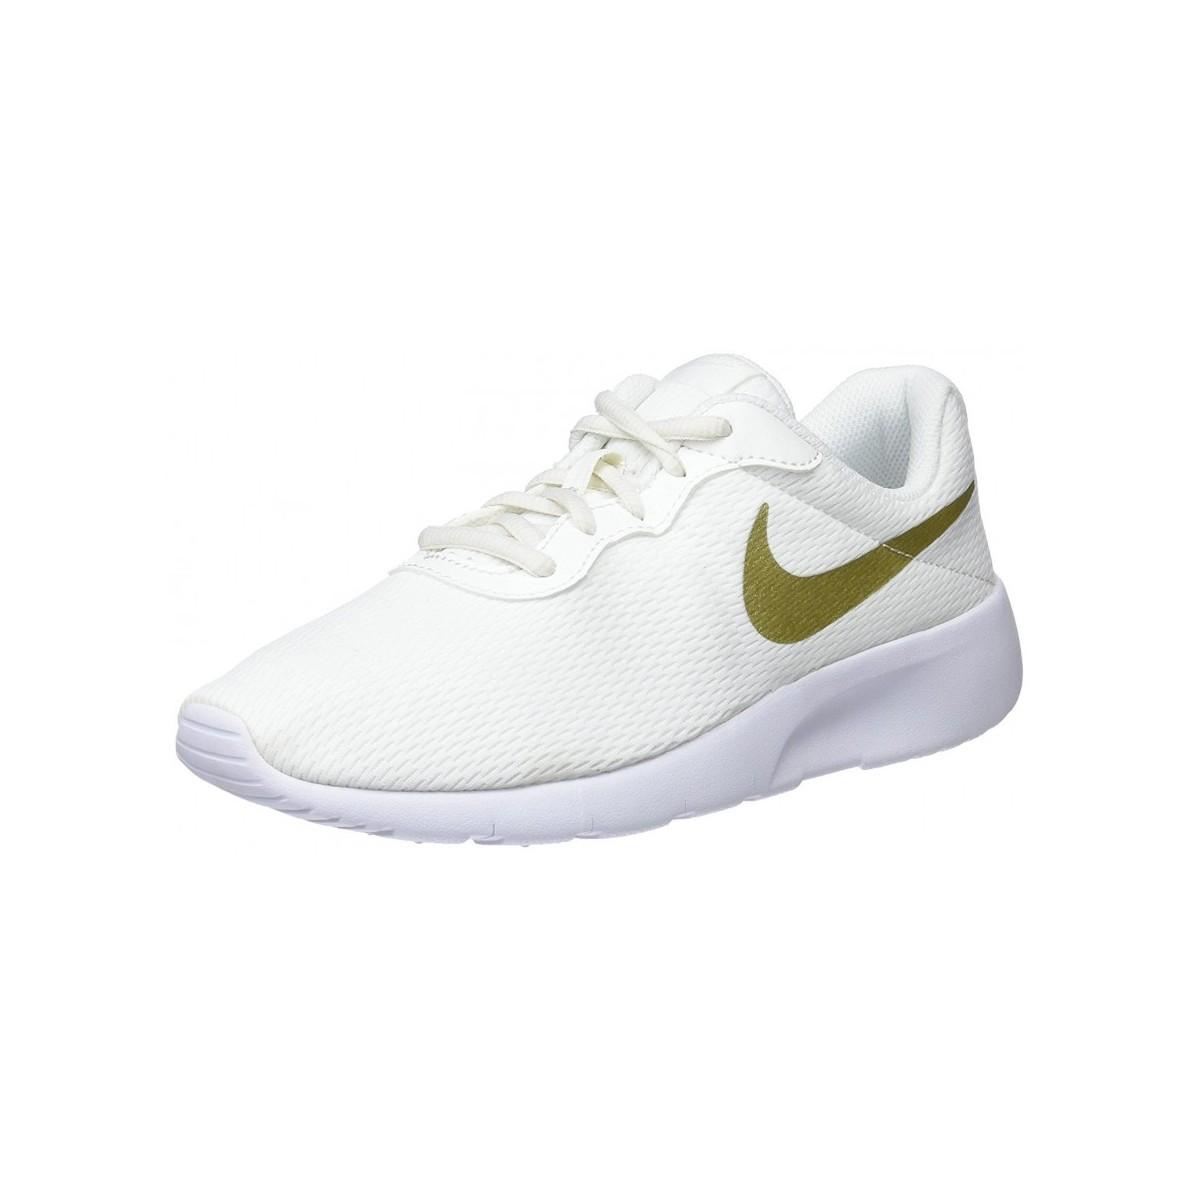 Precios de salida Descuento Auténtico Nike tanjun premium coral metalizadas mujer 917537 602 9wARyU